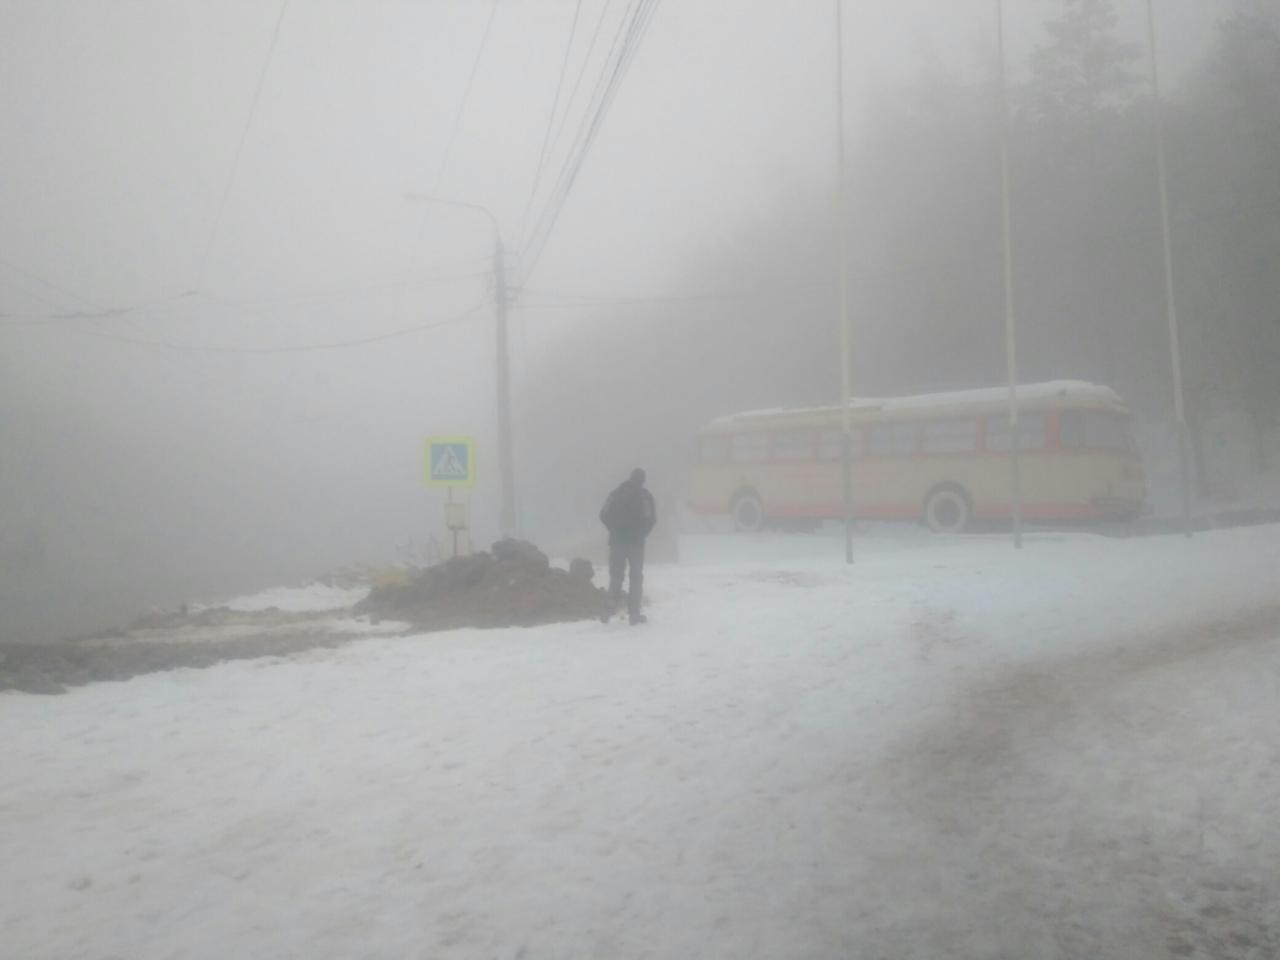 «Местами молоко»: крымскую трассу накрыл сильный туман